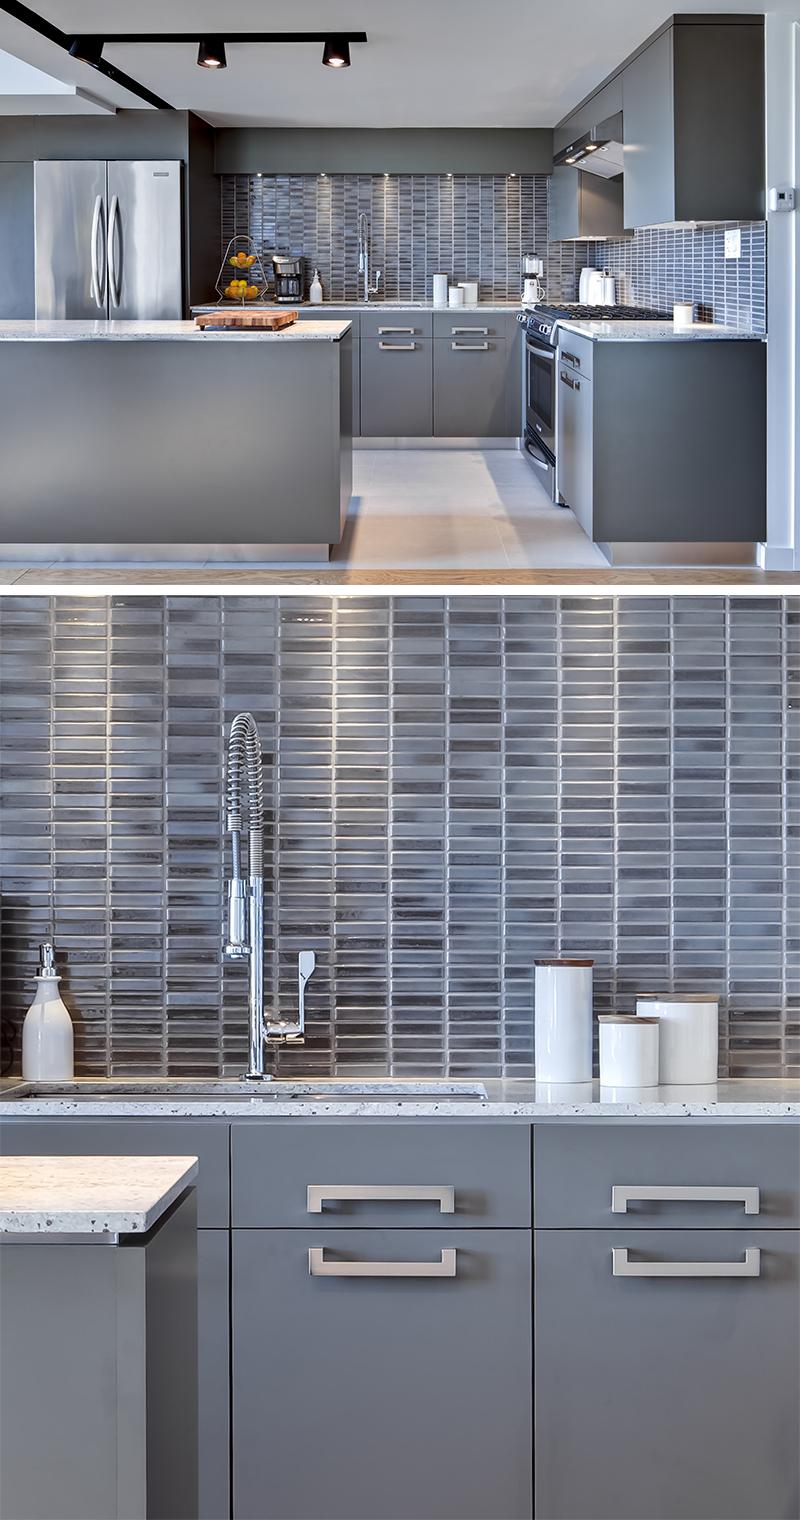 Варианты кухонных фартуков, облицованных узкими прямоугольными плитками